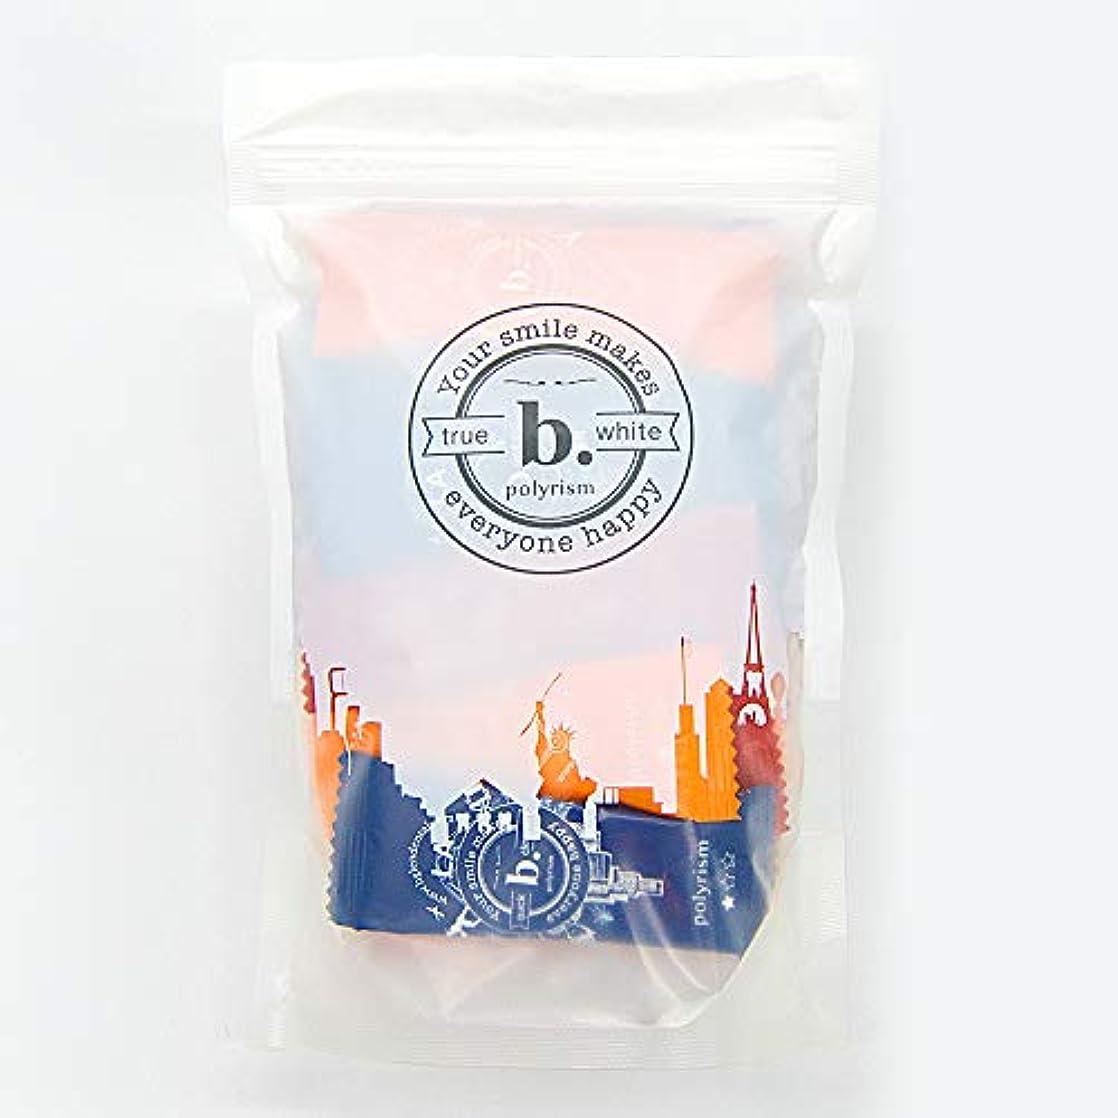 データ聞く寄付する新品 b.glen(ビーグレン)【公式】スポンジ型ホワイトニング歯ブラシ デンタルクリーナー (18個入り)